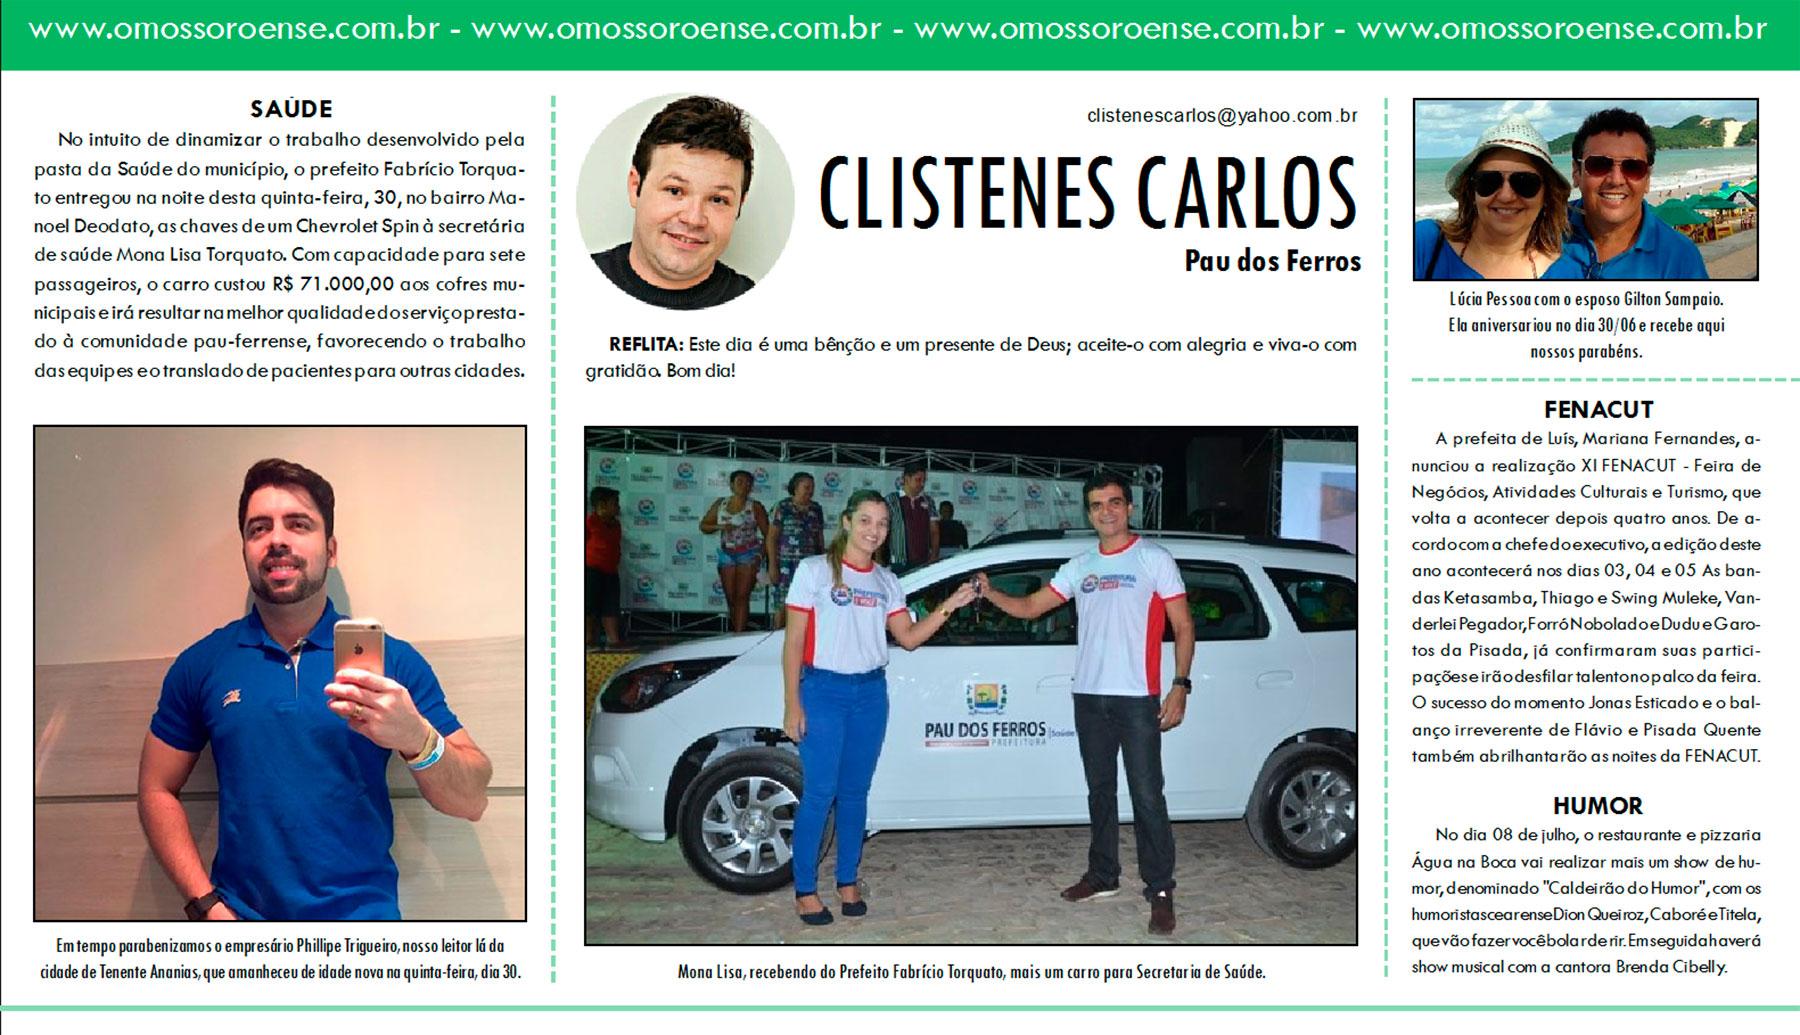 CLISTENES-CARLOS-01-07-2016